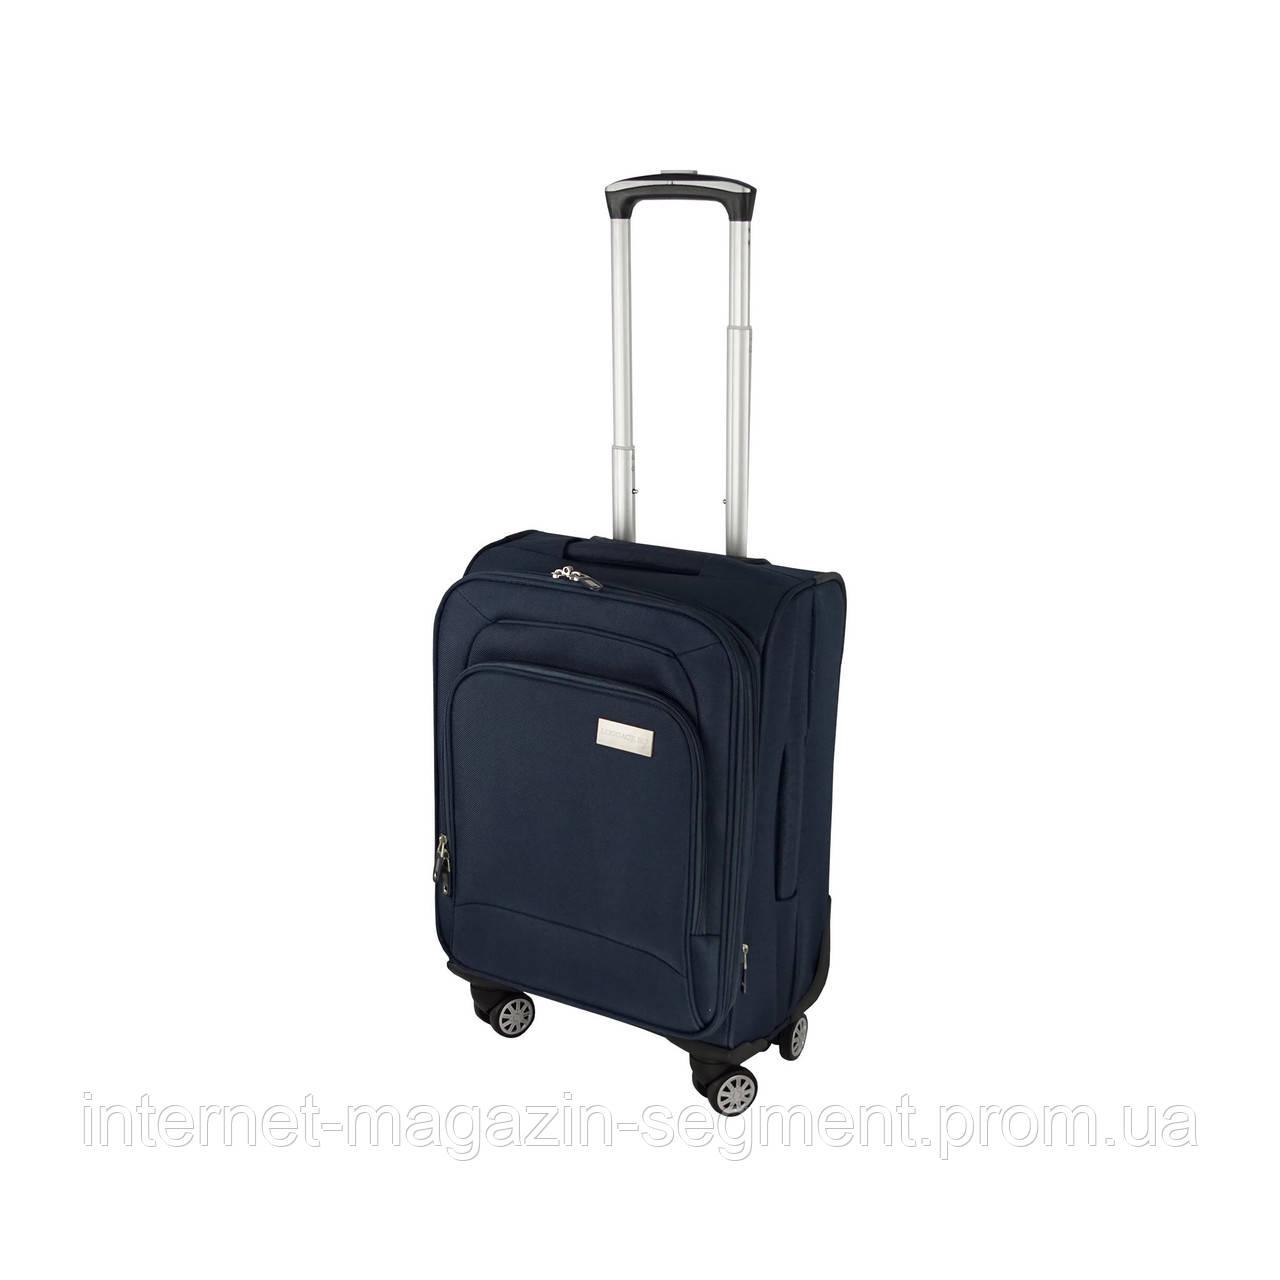 0c2dcd8b48f9 Чемодан на Колесиках Luggage HQ (54х35 См) Маленький — в Категории ...